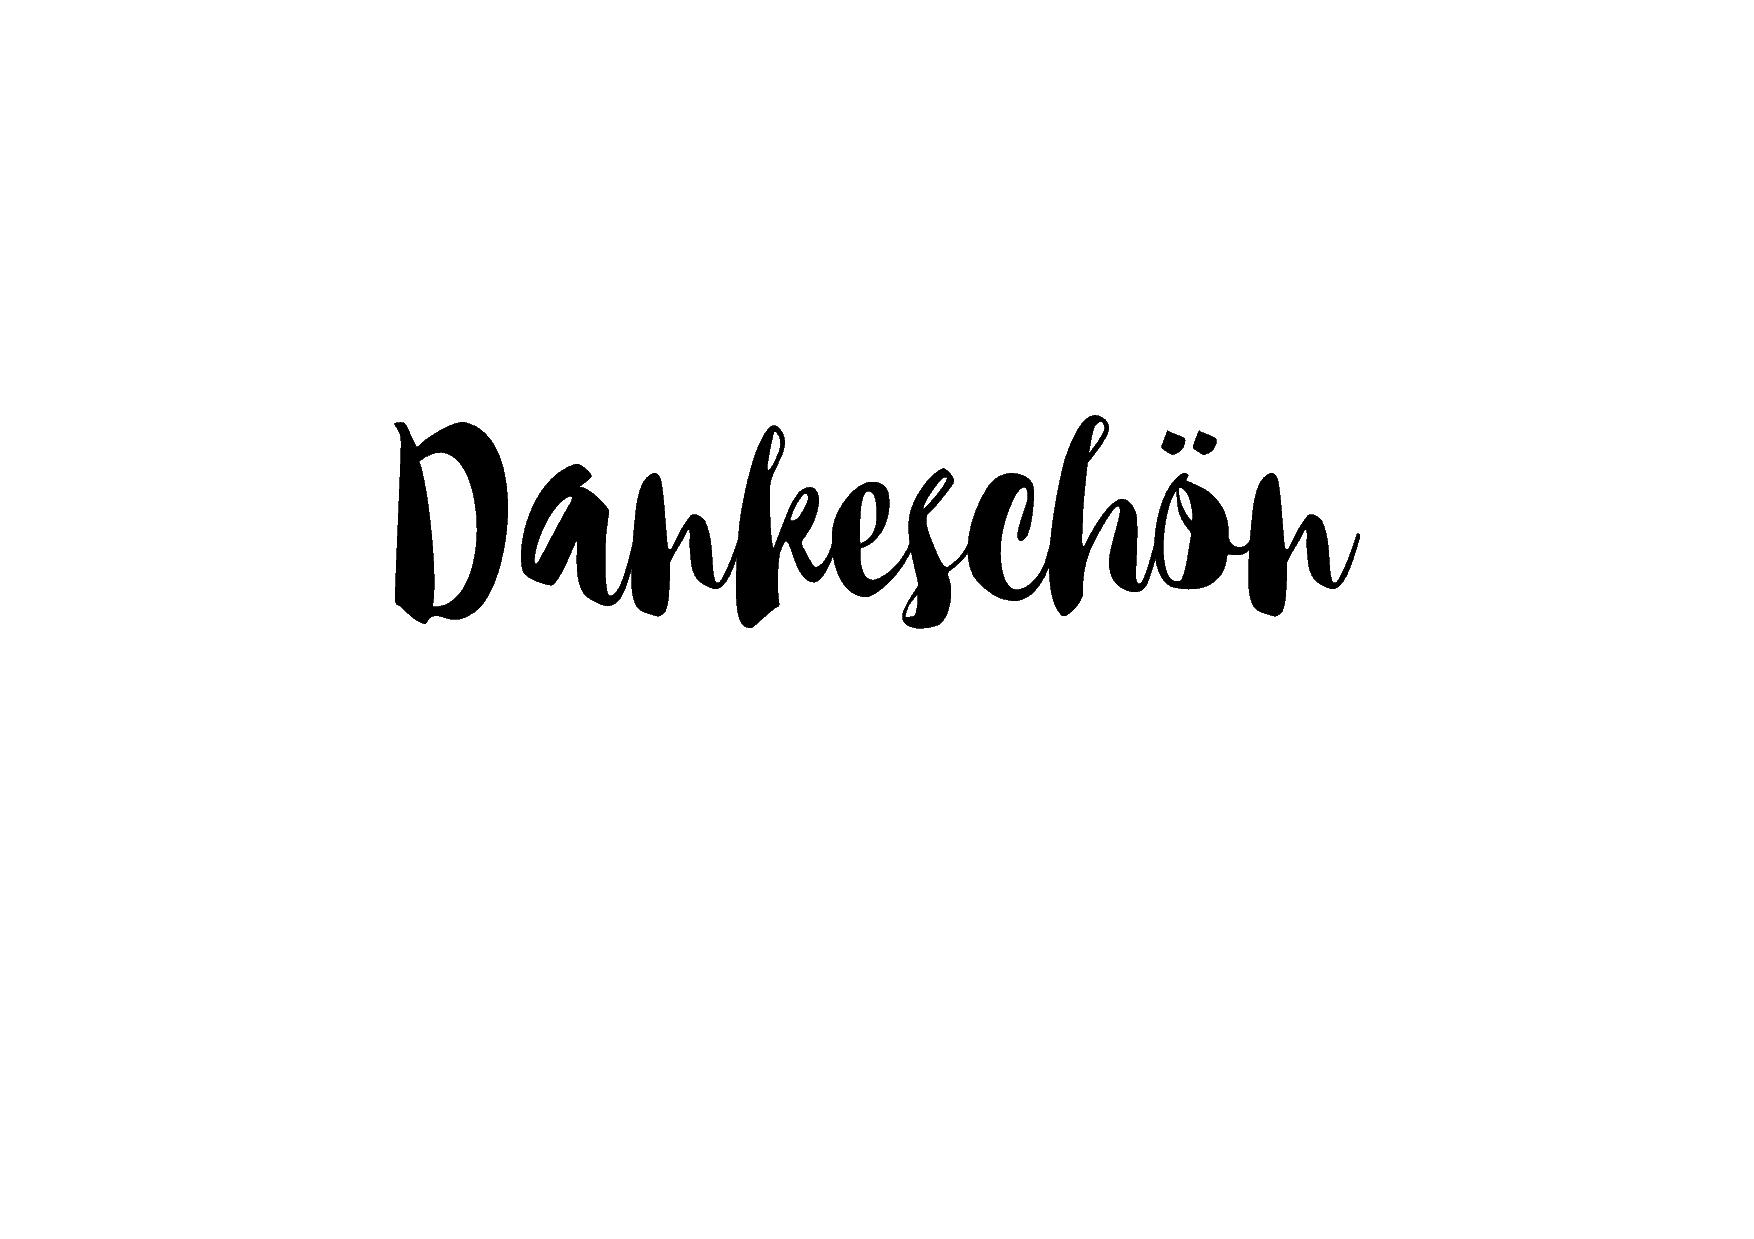 MitarbeitendenDanke / 5. Feb